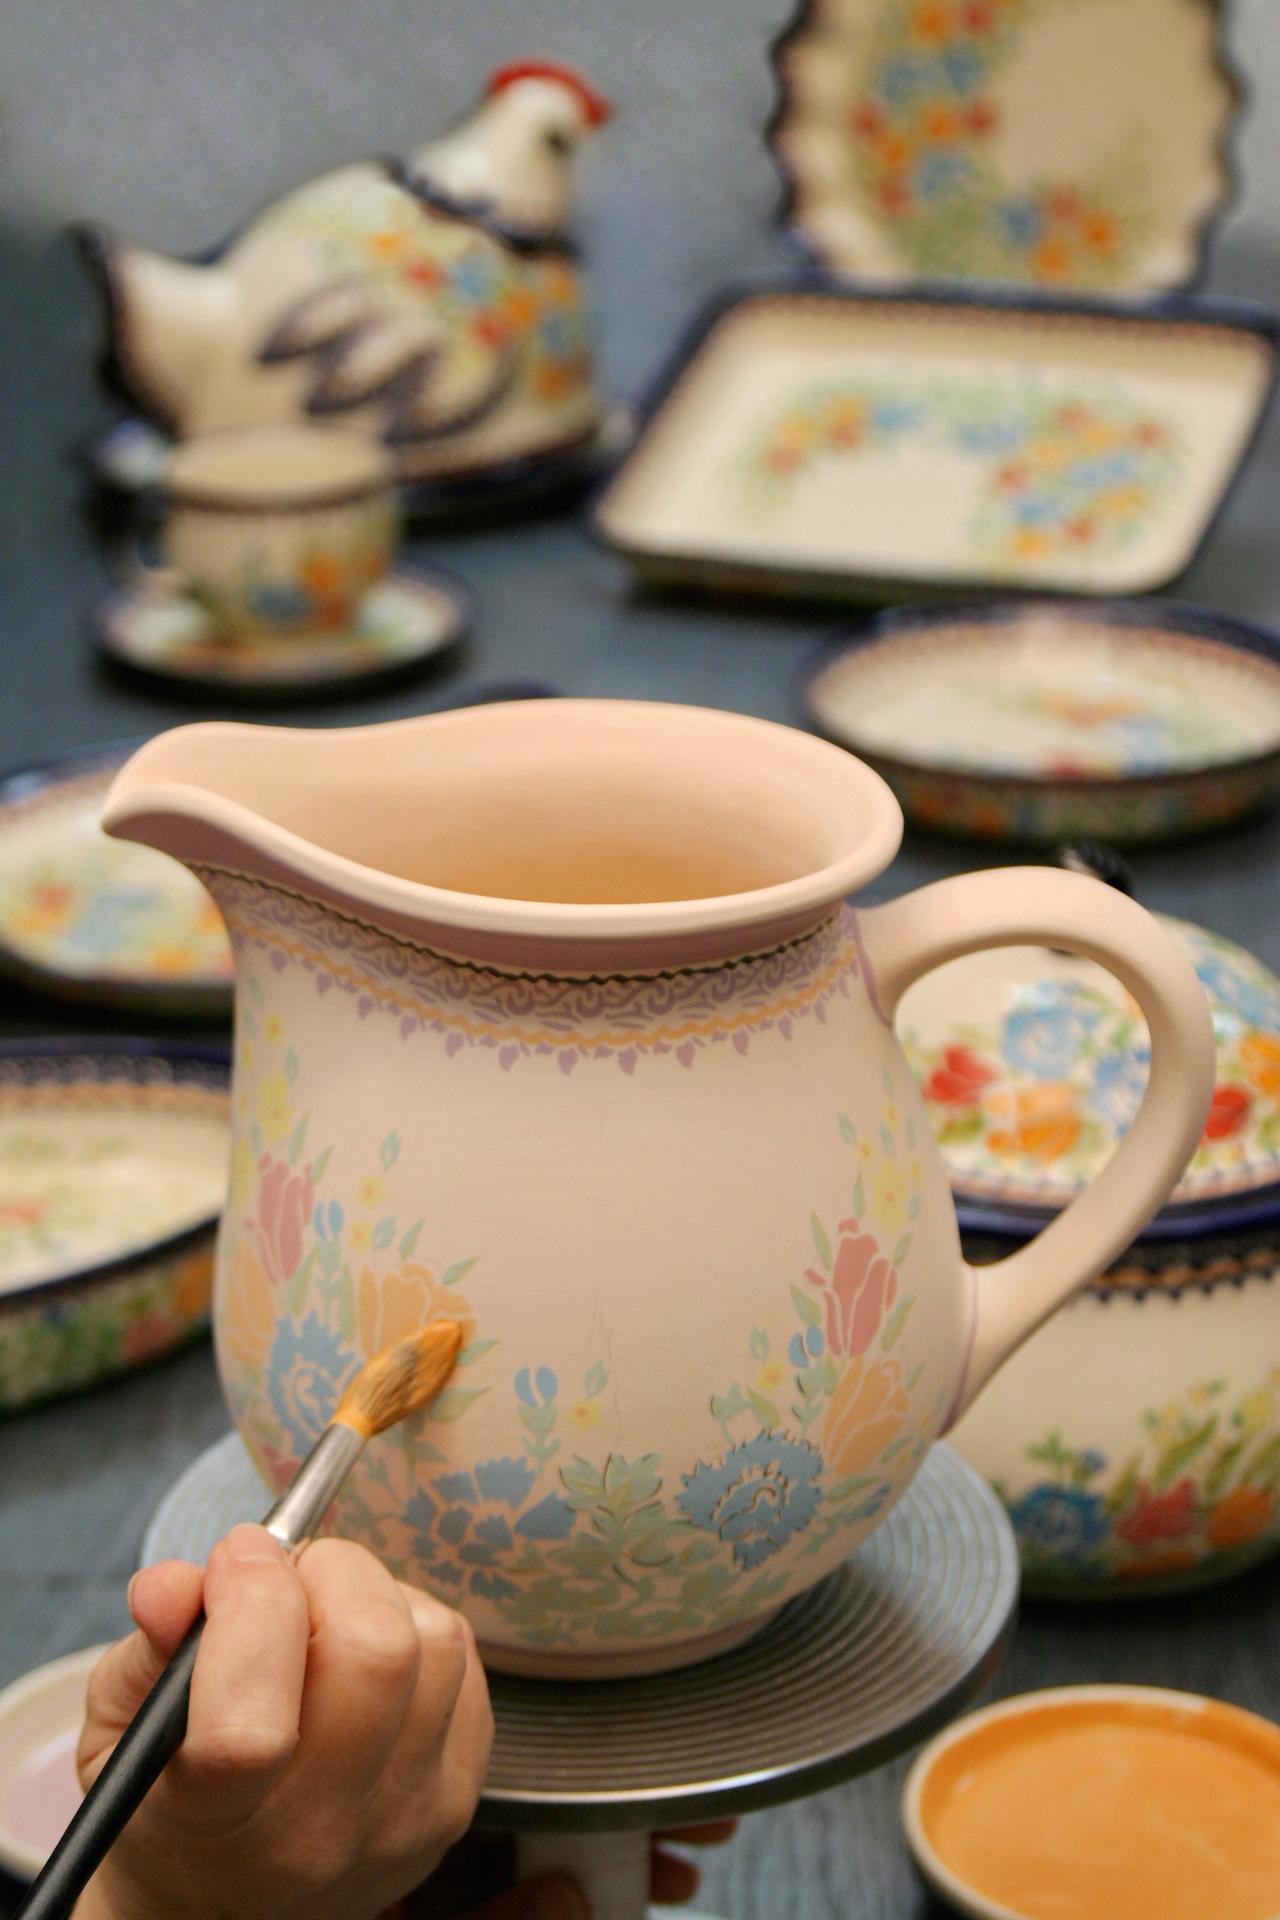 ポーランドの陶器メーカーから日本茶を楽しむティーカップ ...